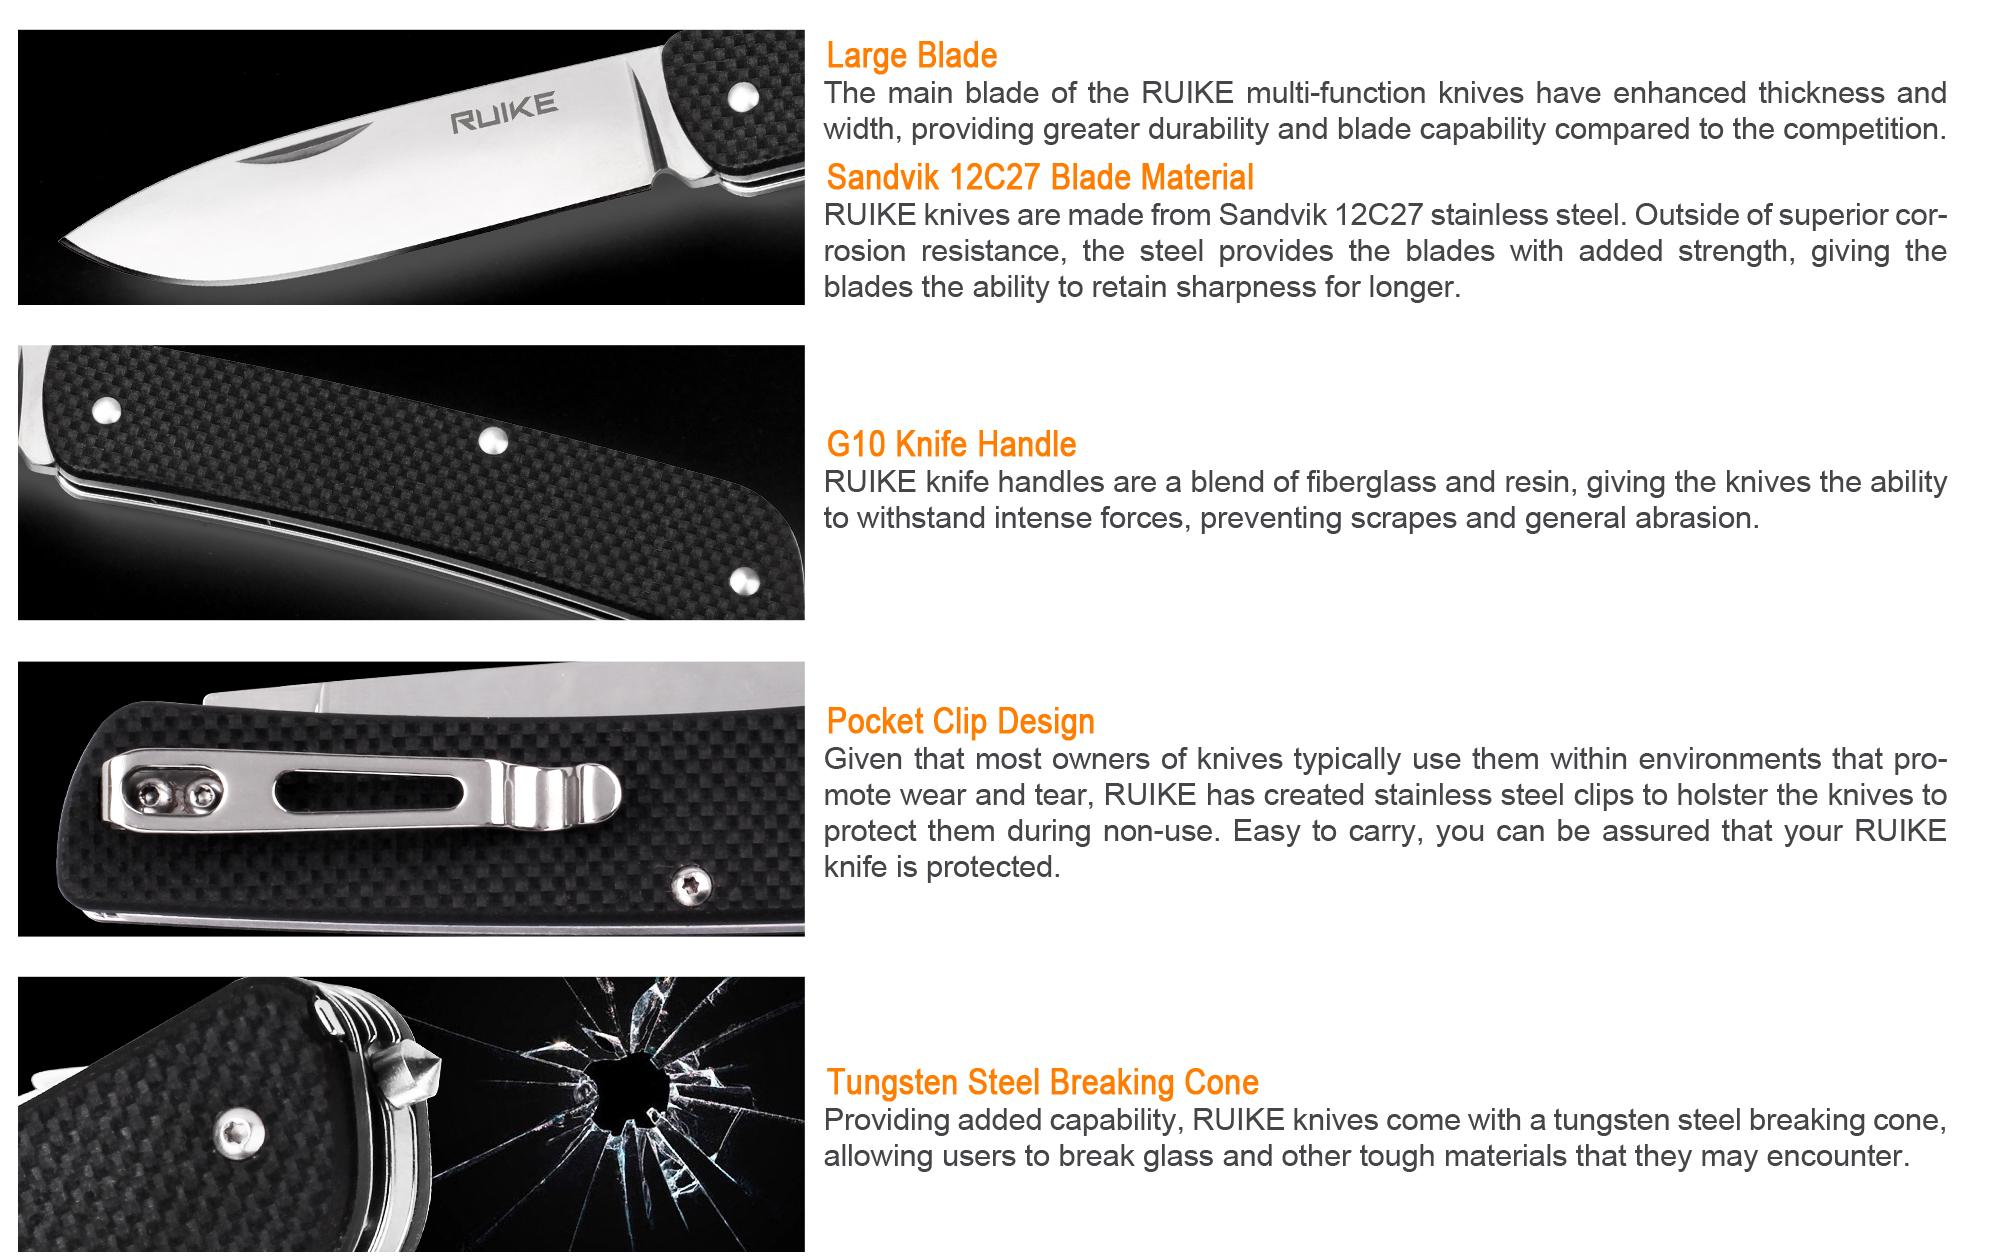 ruikeknives